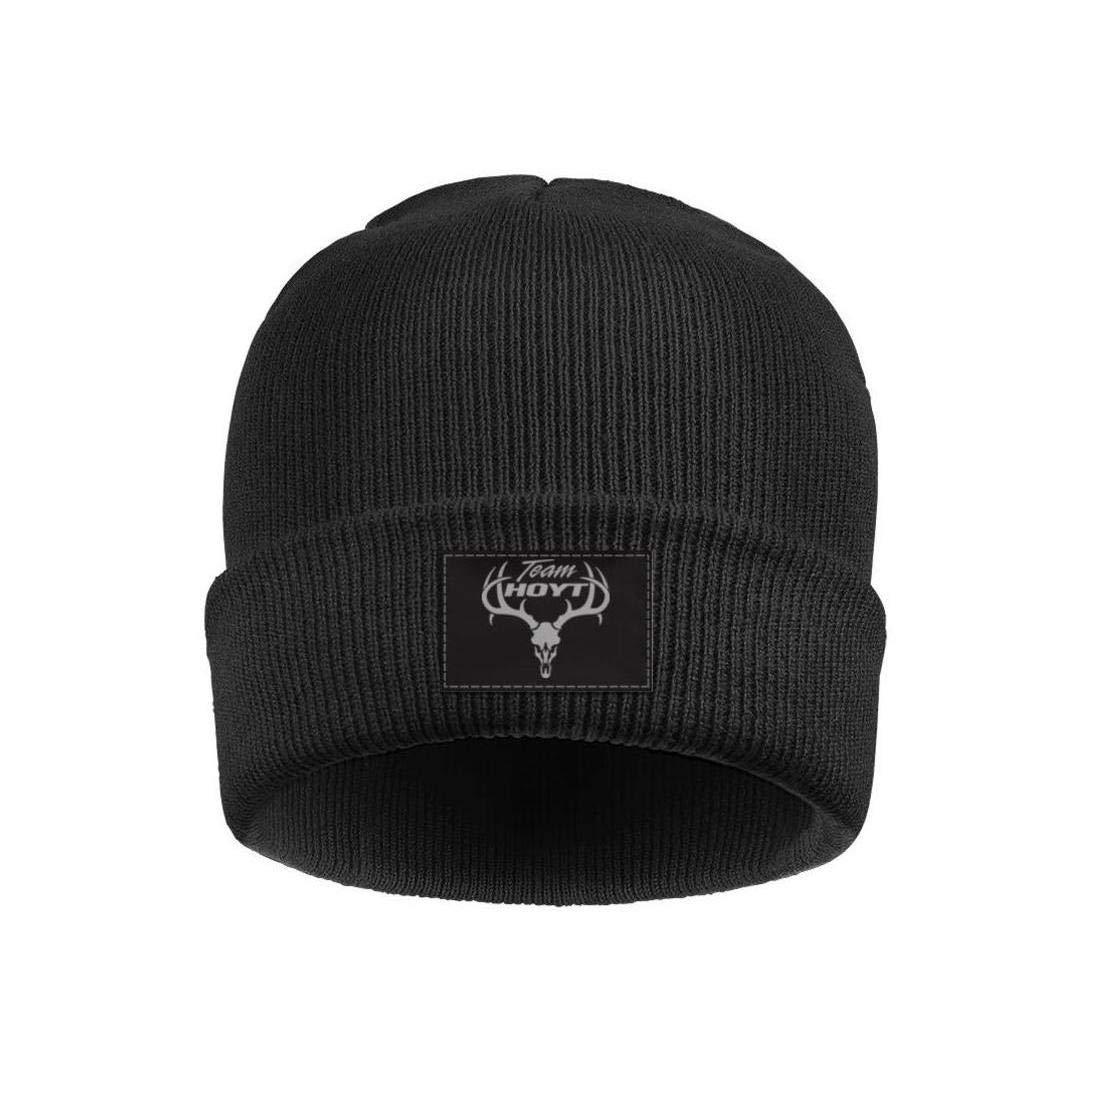 Mans Womens Beanie Hat Vintage Winter Soft Thick Warm Cap Unisex